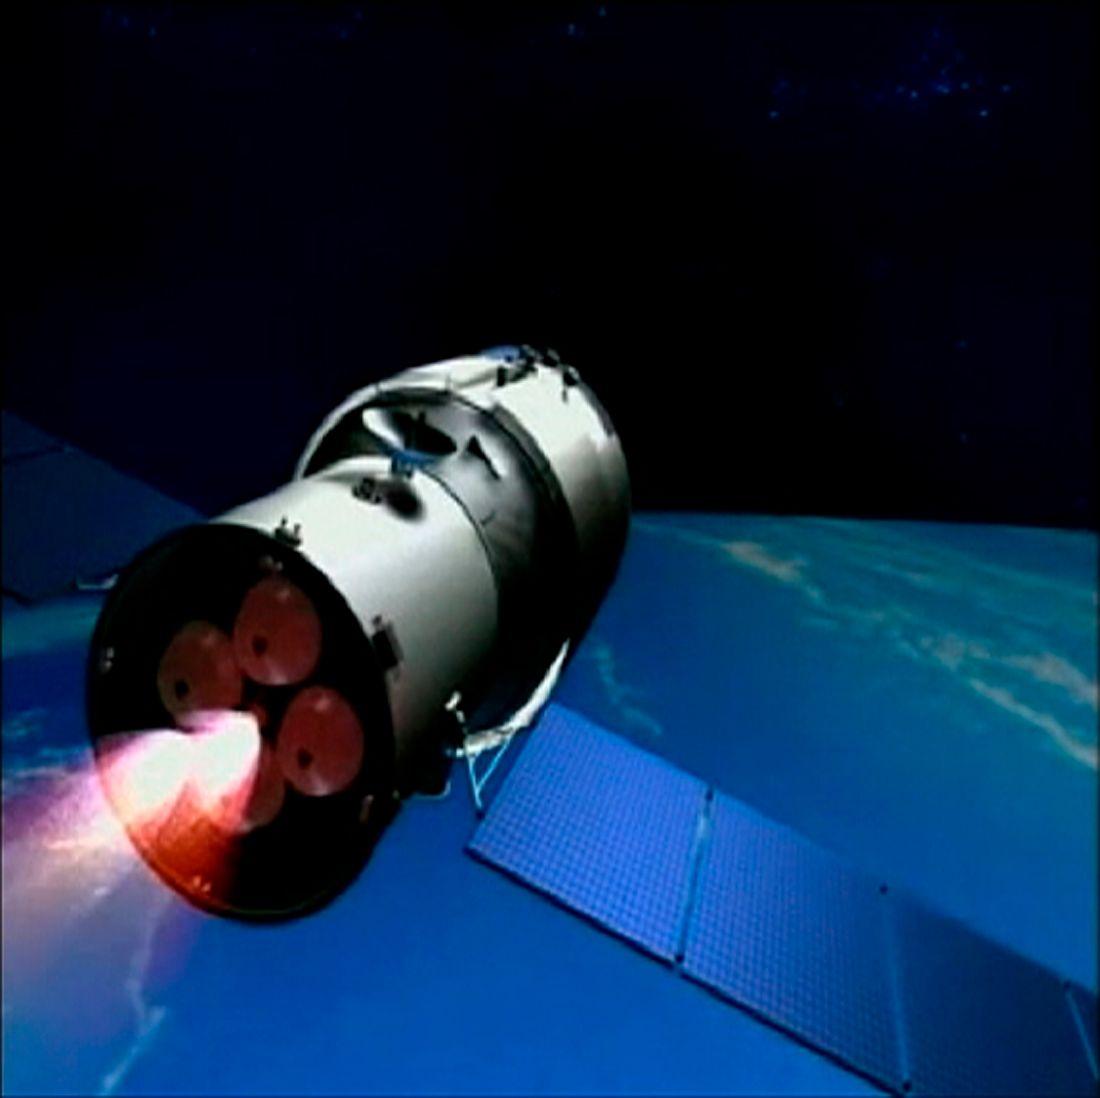 La Chine va prochainement envoyer trois cosmonautes en mission